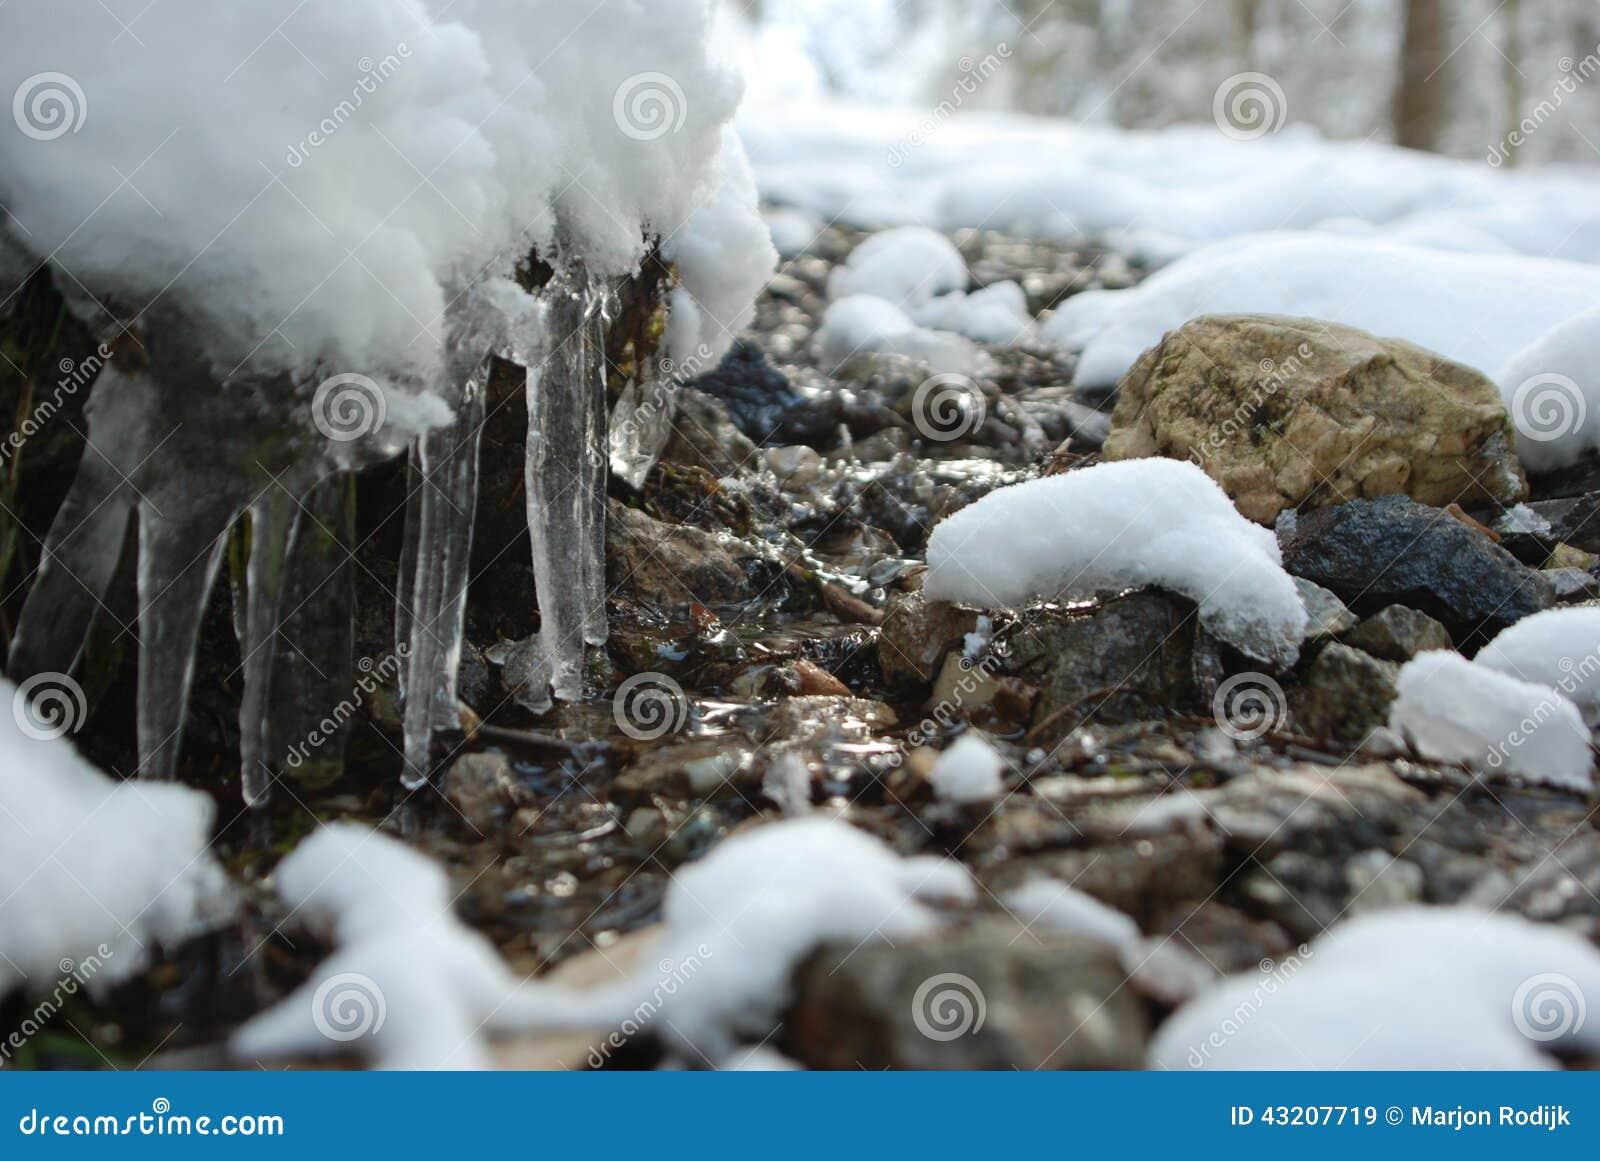 Download Kall bergslinga fotografering för bildbyråer. Bild av ström - 43207719